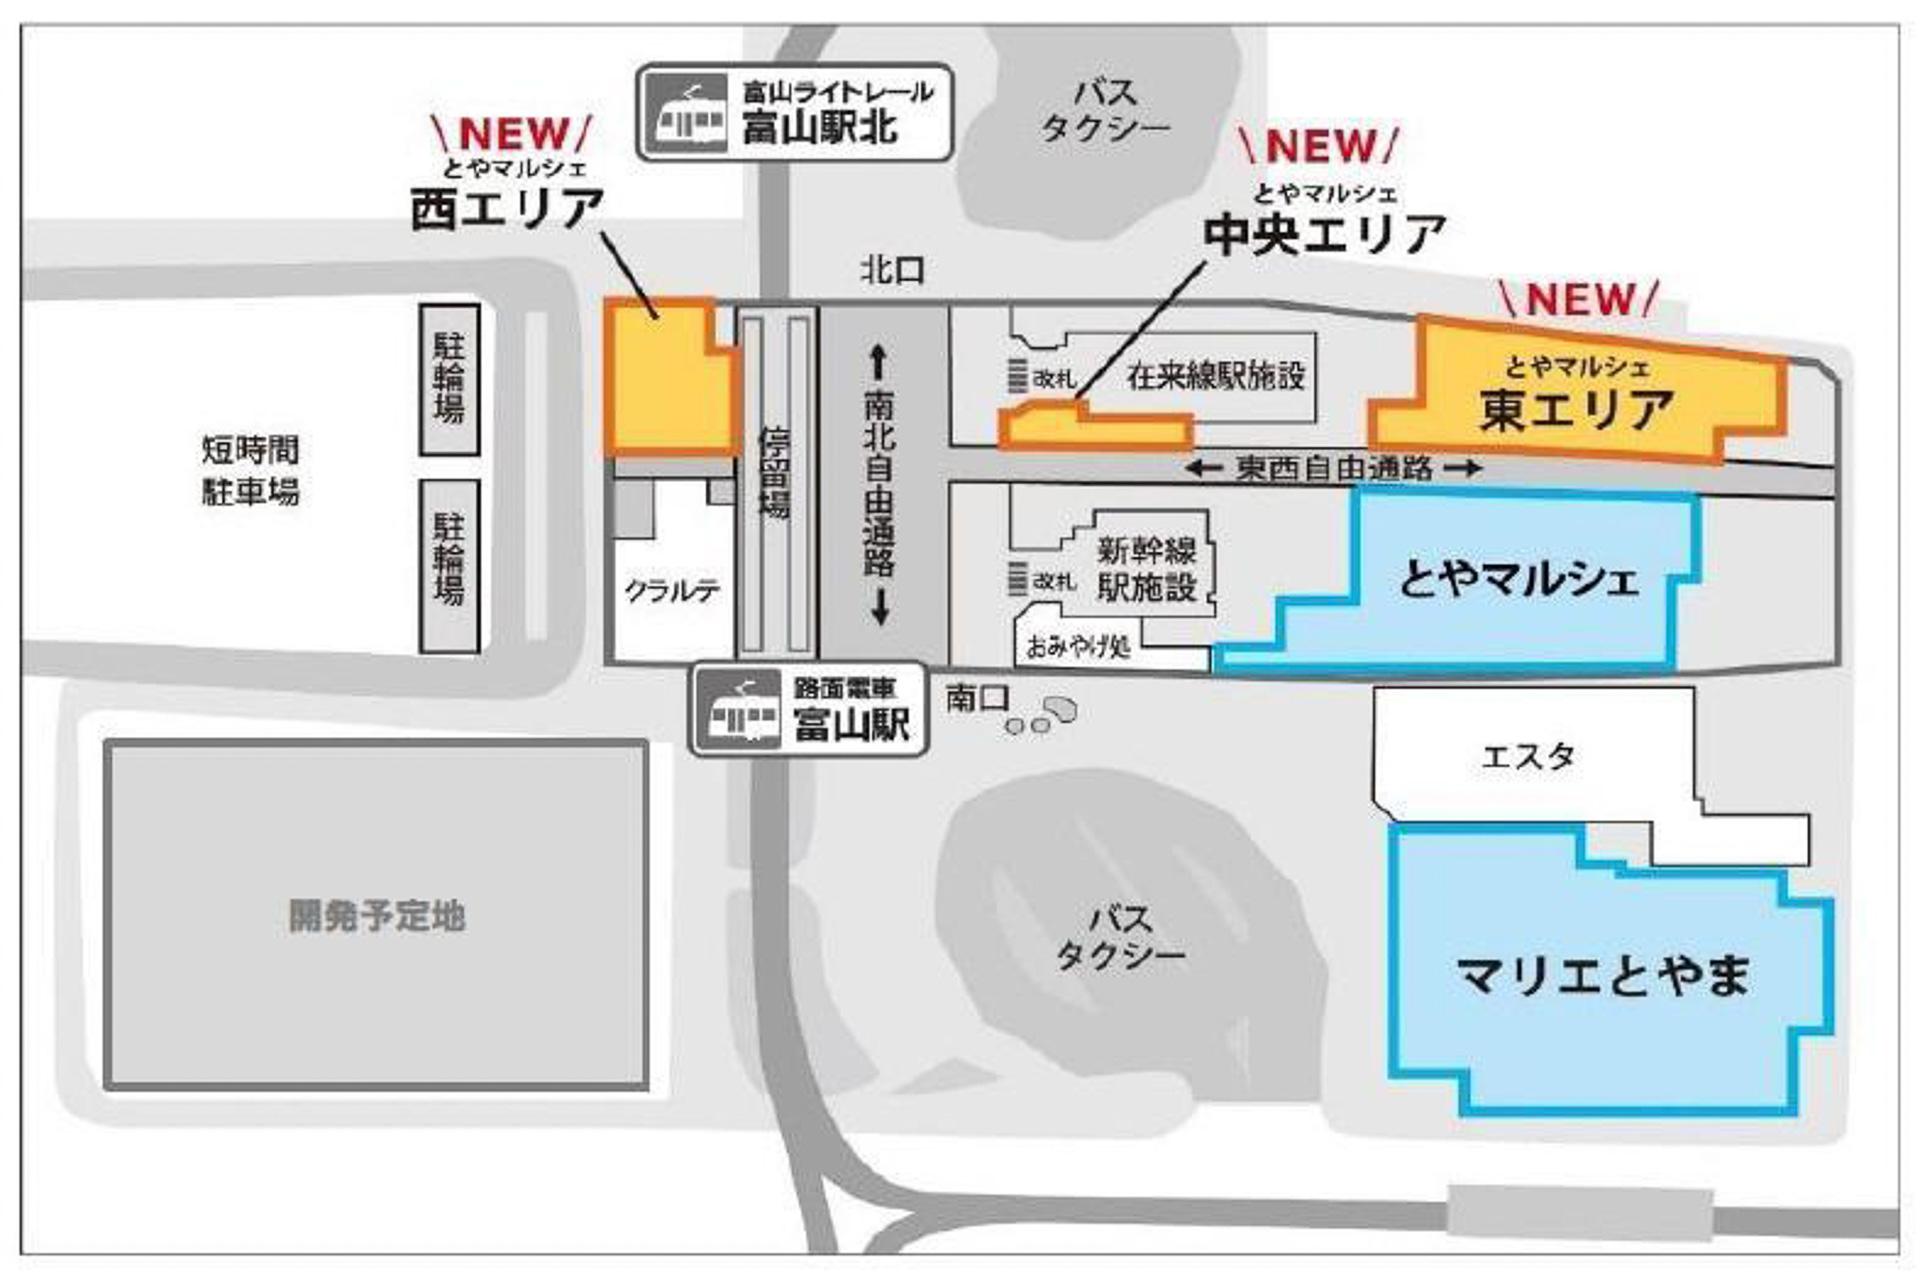 情報 富山 コロナ 最新